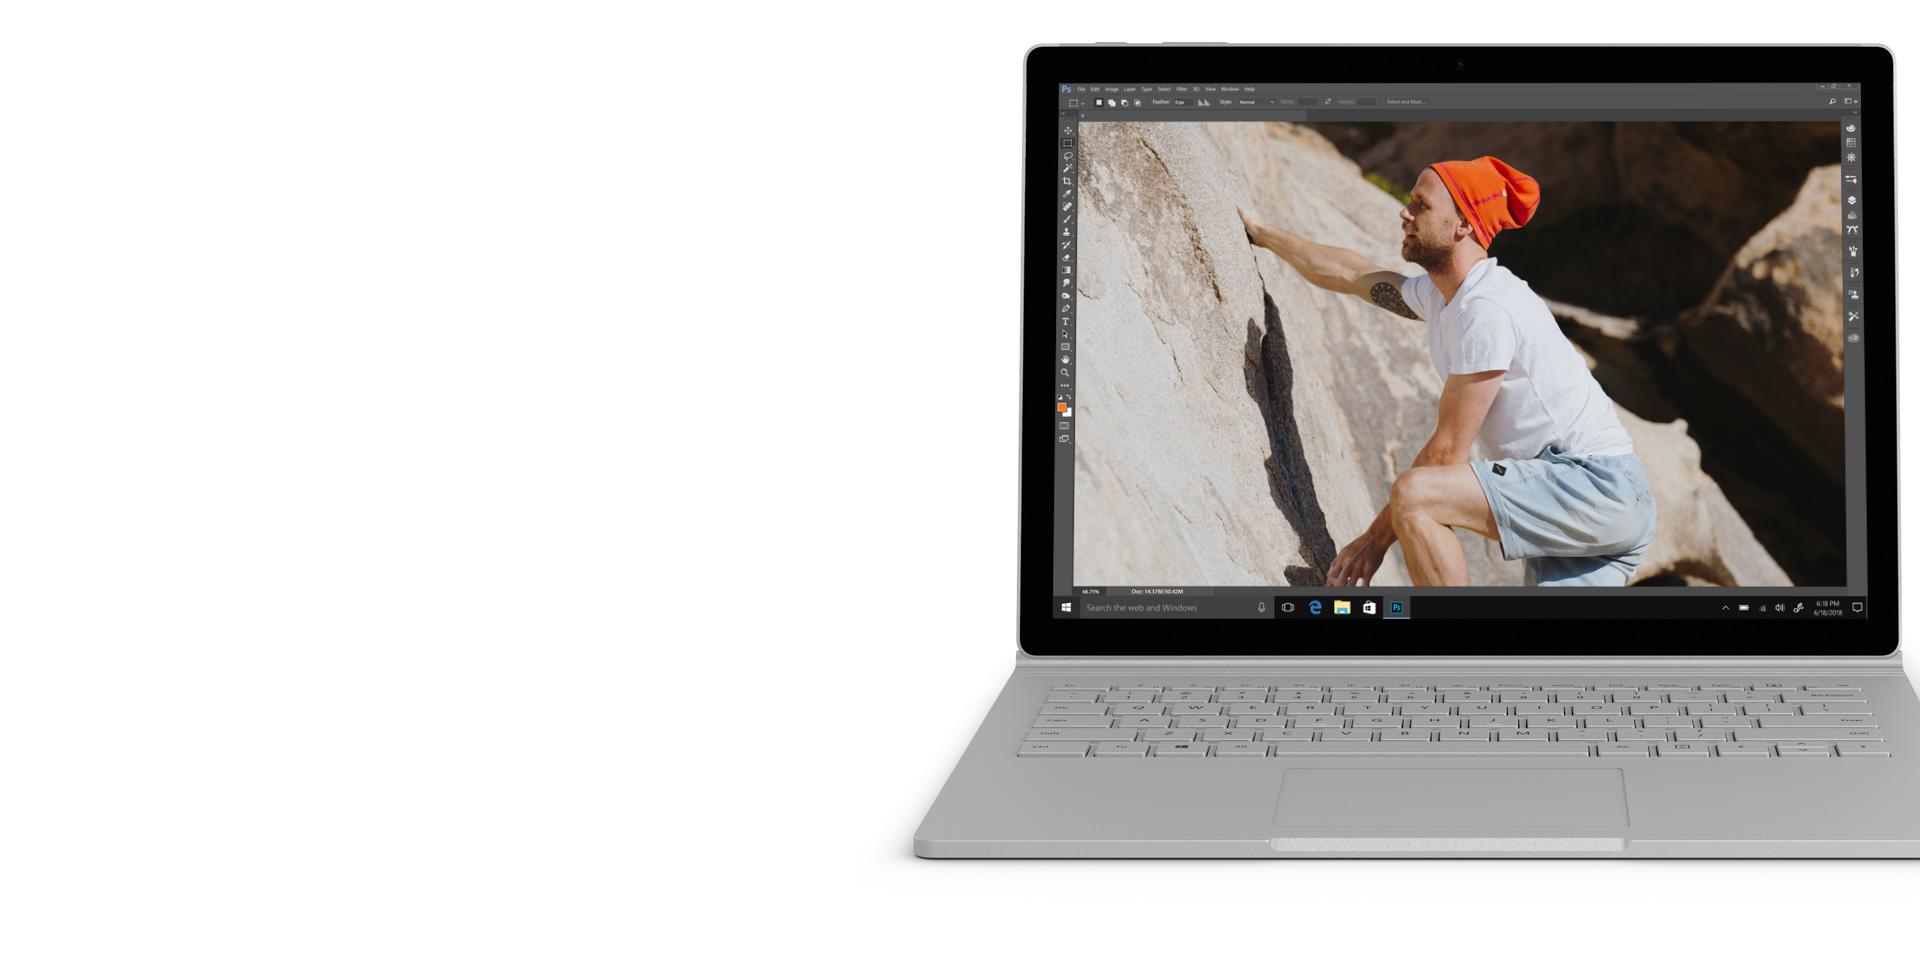 عرض Adobe Photoshop على جهاز Surface Book 2